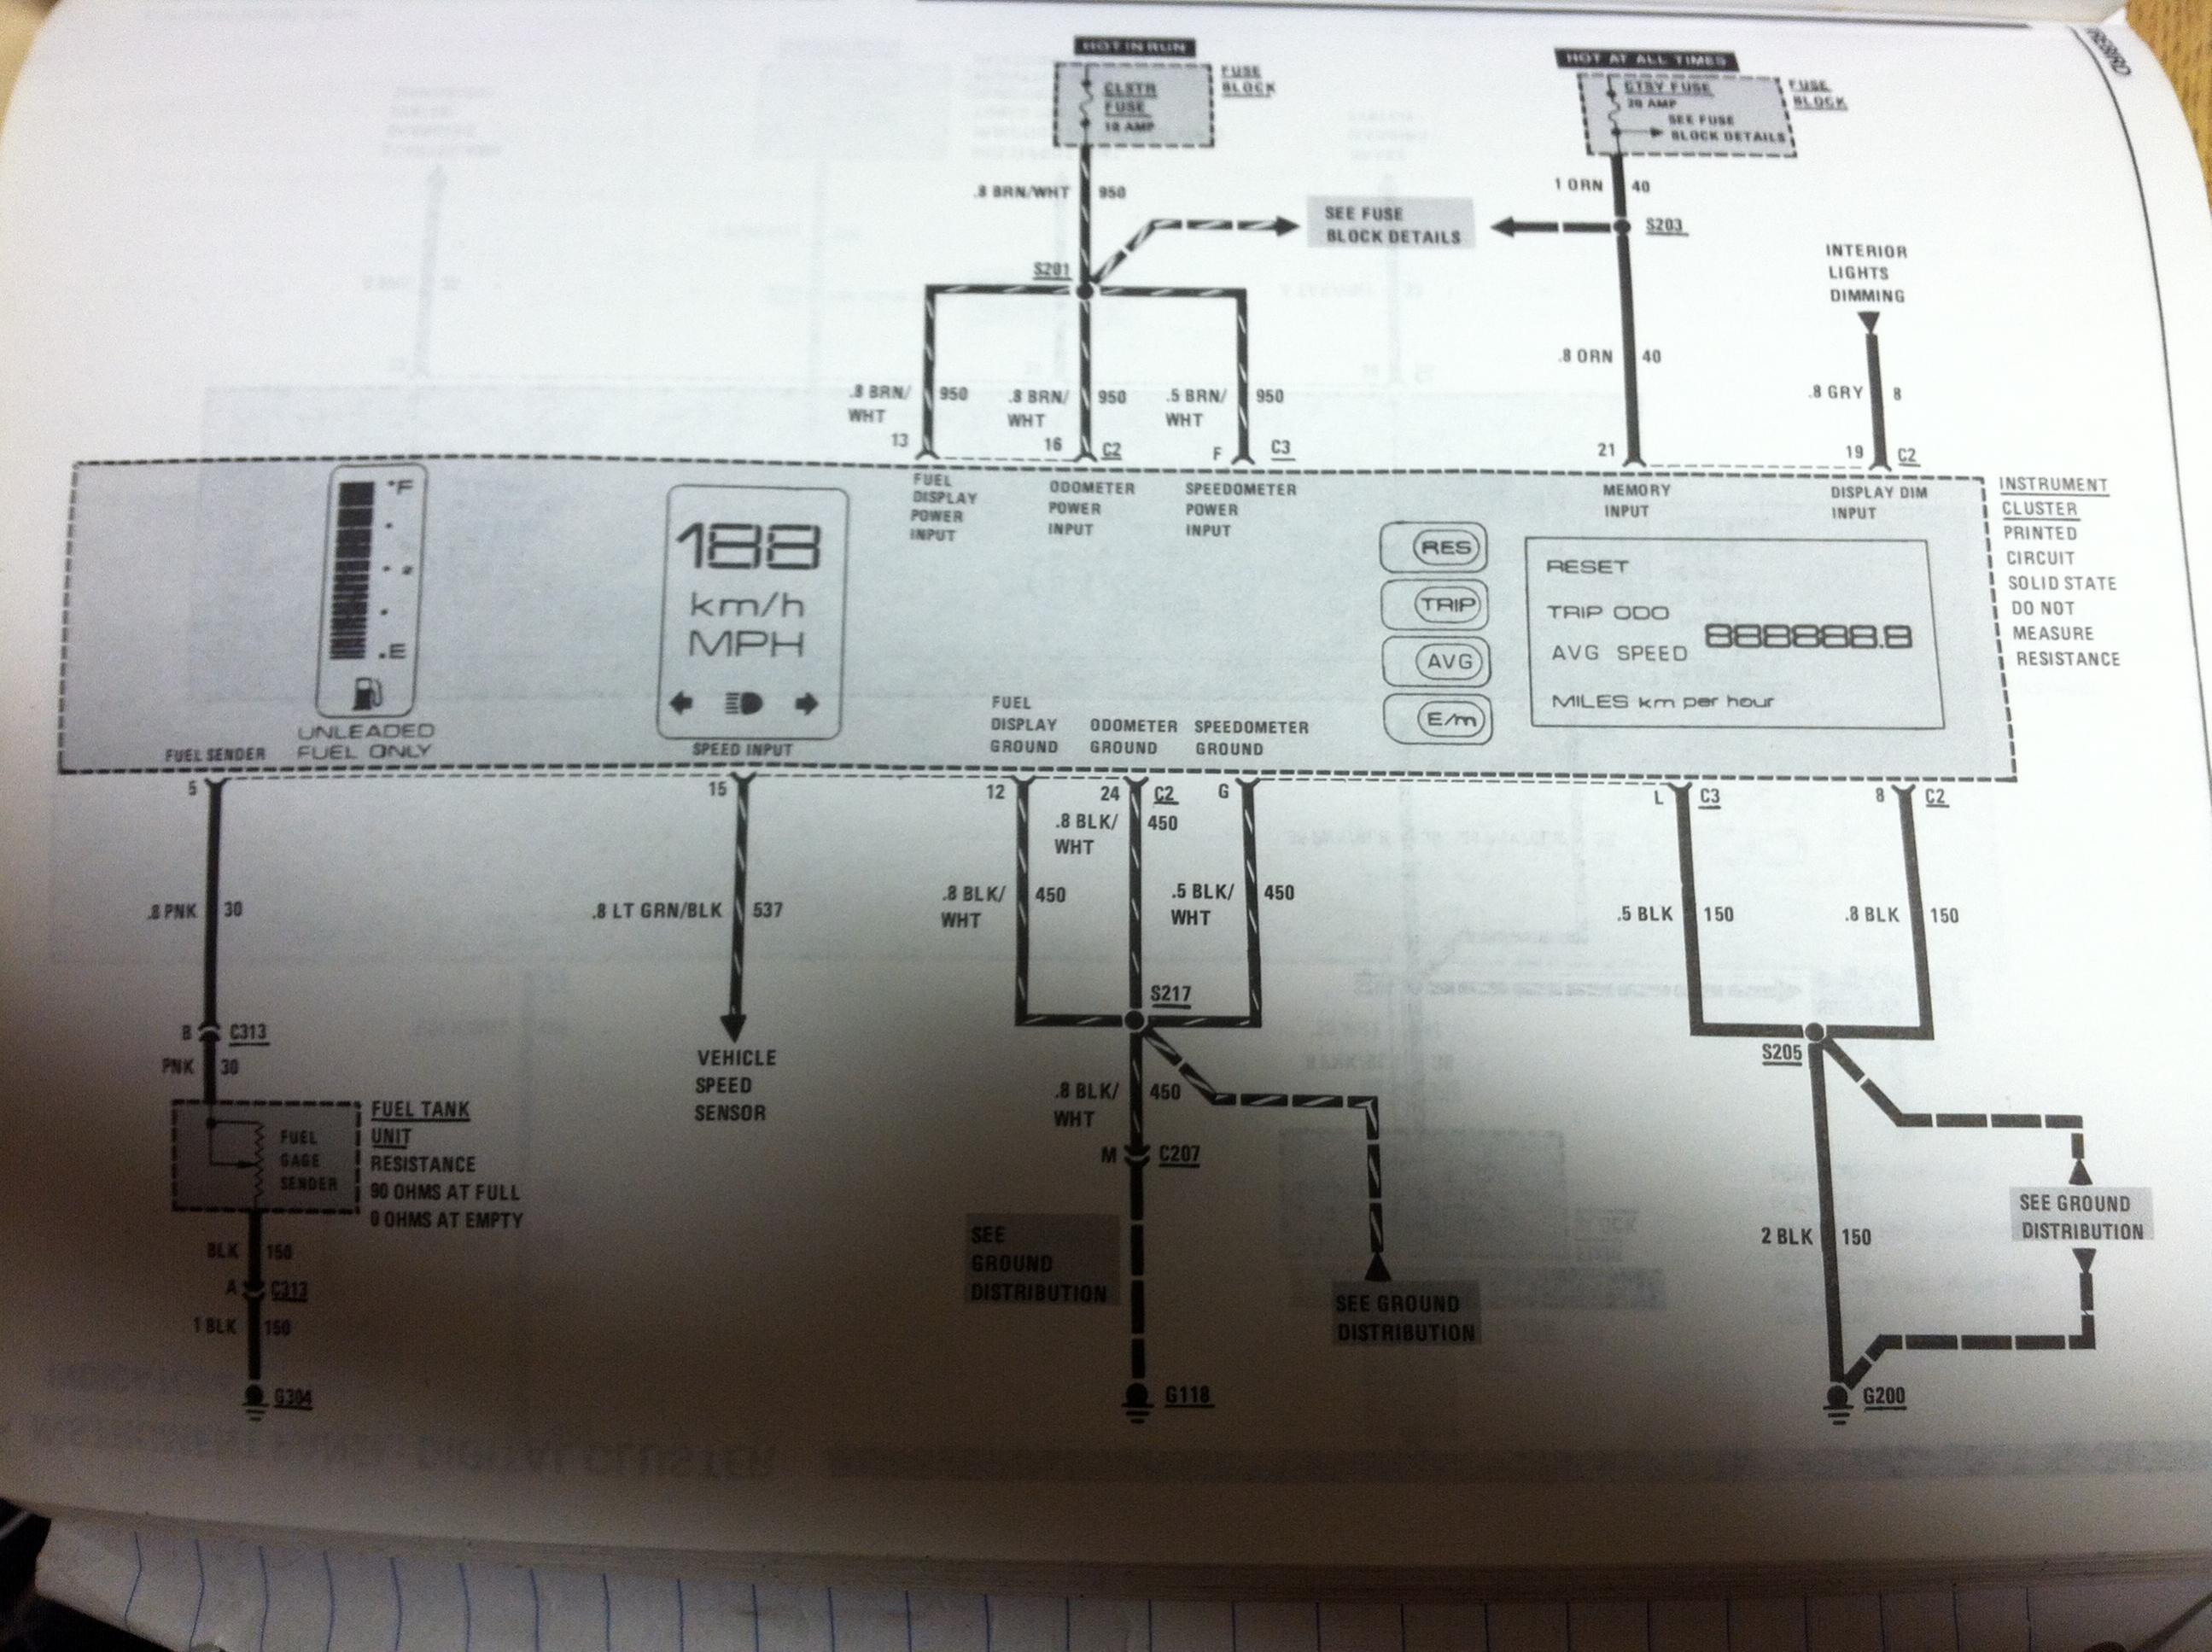 wiring diagram for 1988 firebird oy 2585  1989 firebird gta wiring diagram download diagram  1989 firebird gta wiring diagram